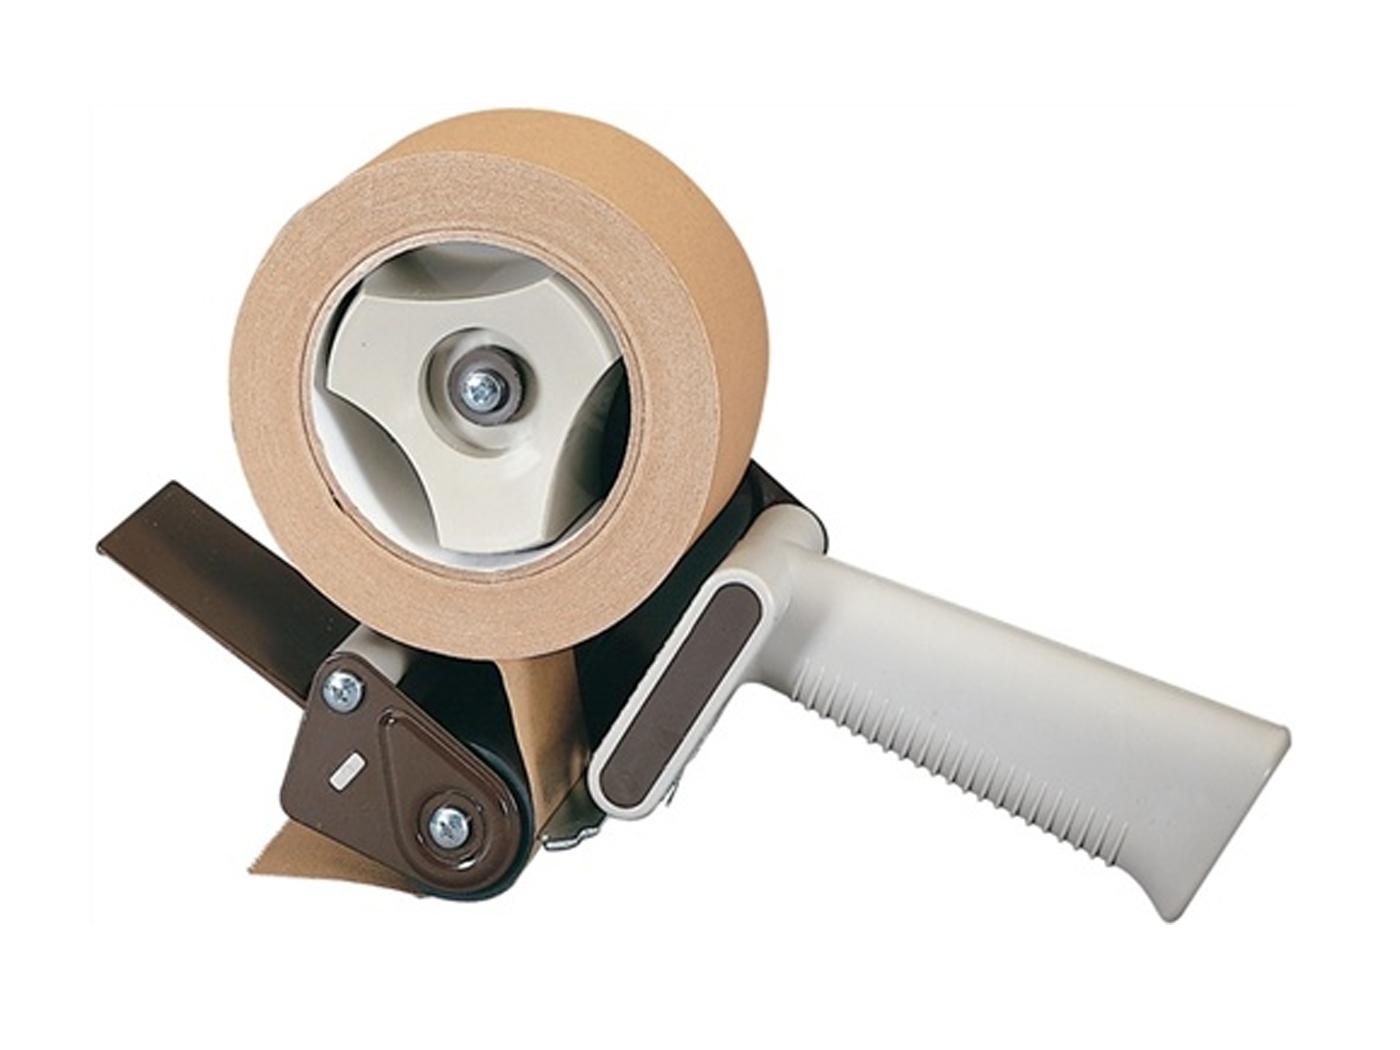 Handafroller kunststof met rolrem   DKMTools - DKM Tools